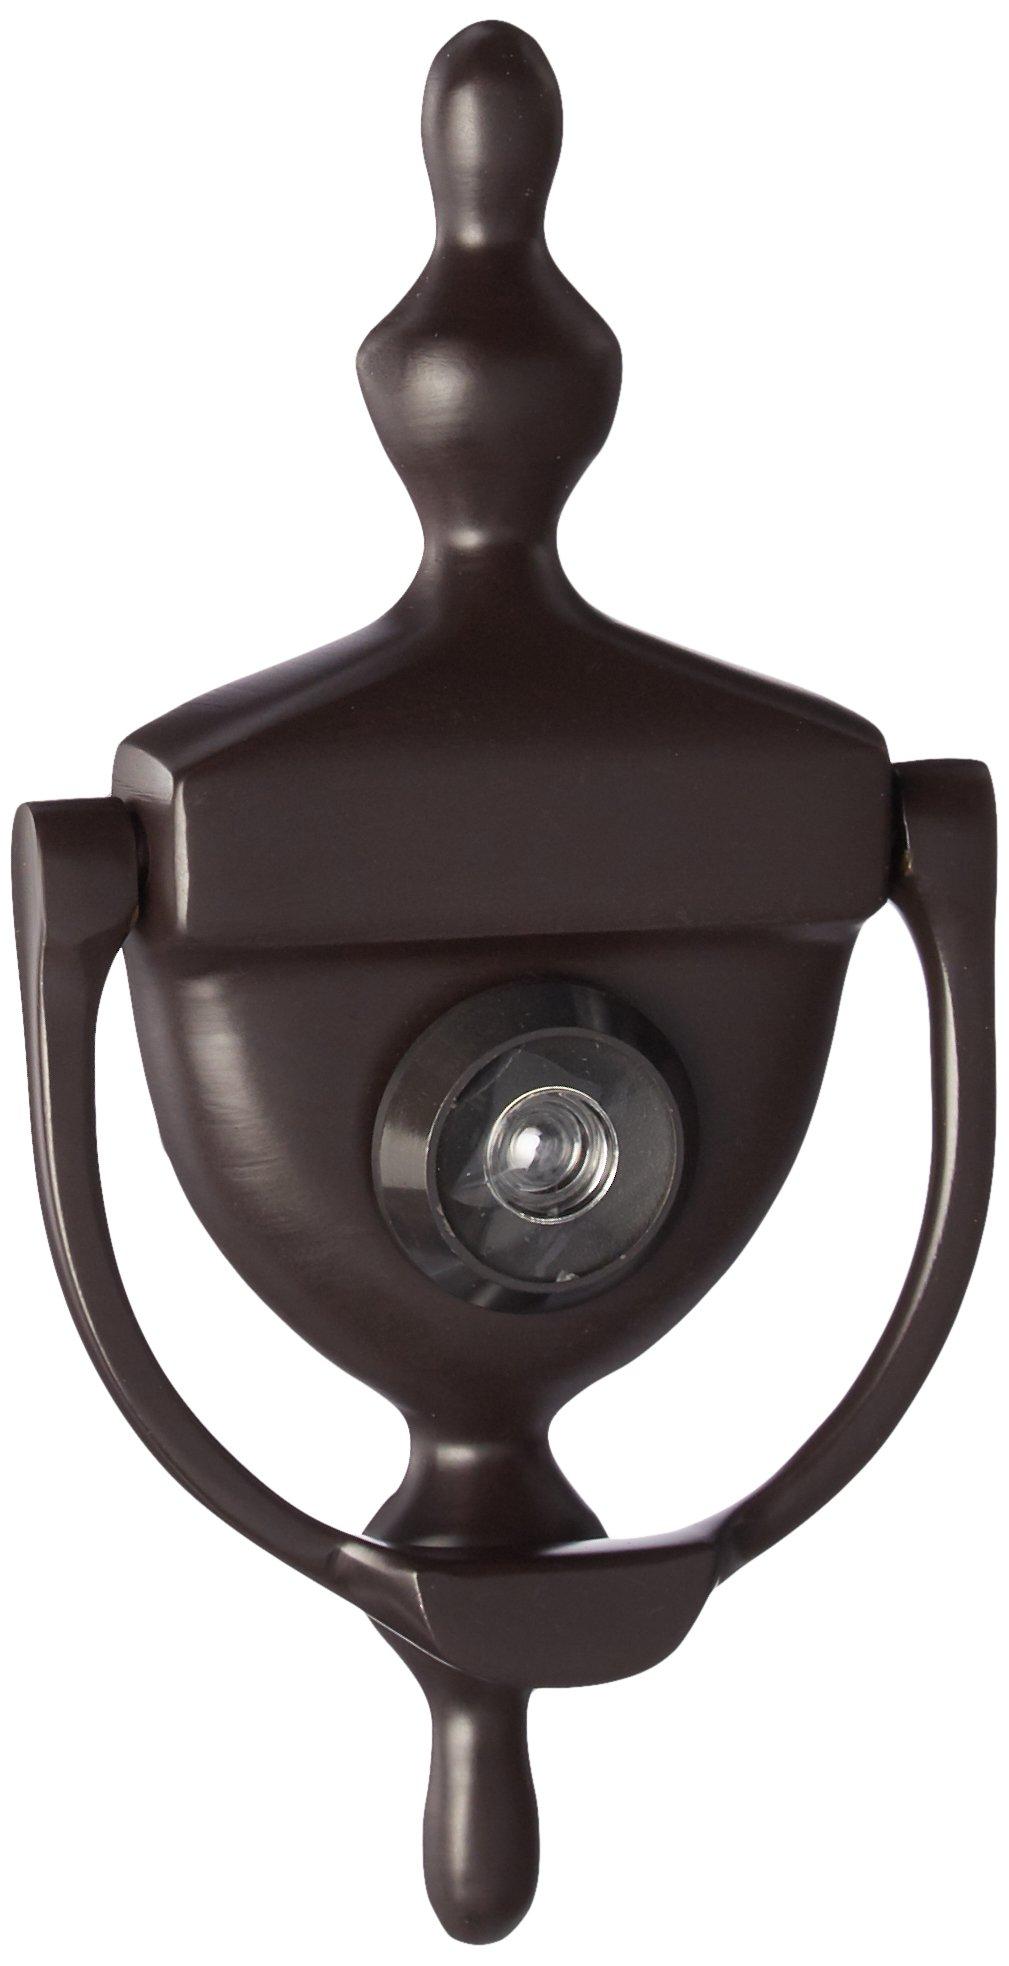 Deltana DKV630U10B Door Knocker with Viewer 1-3/4-Inch Max Door Thickness